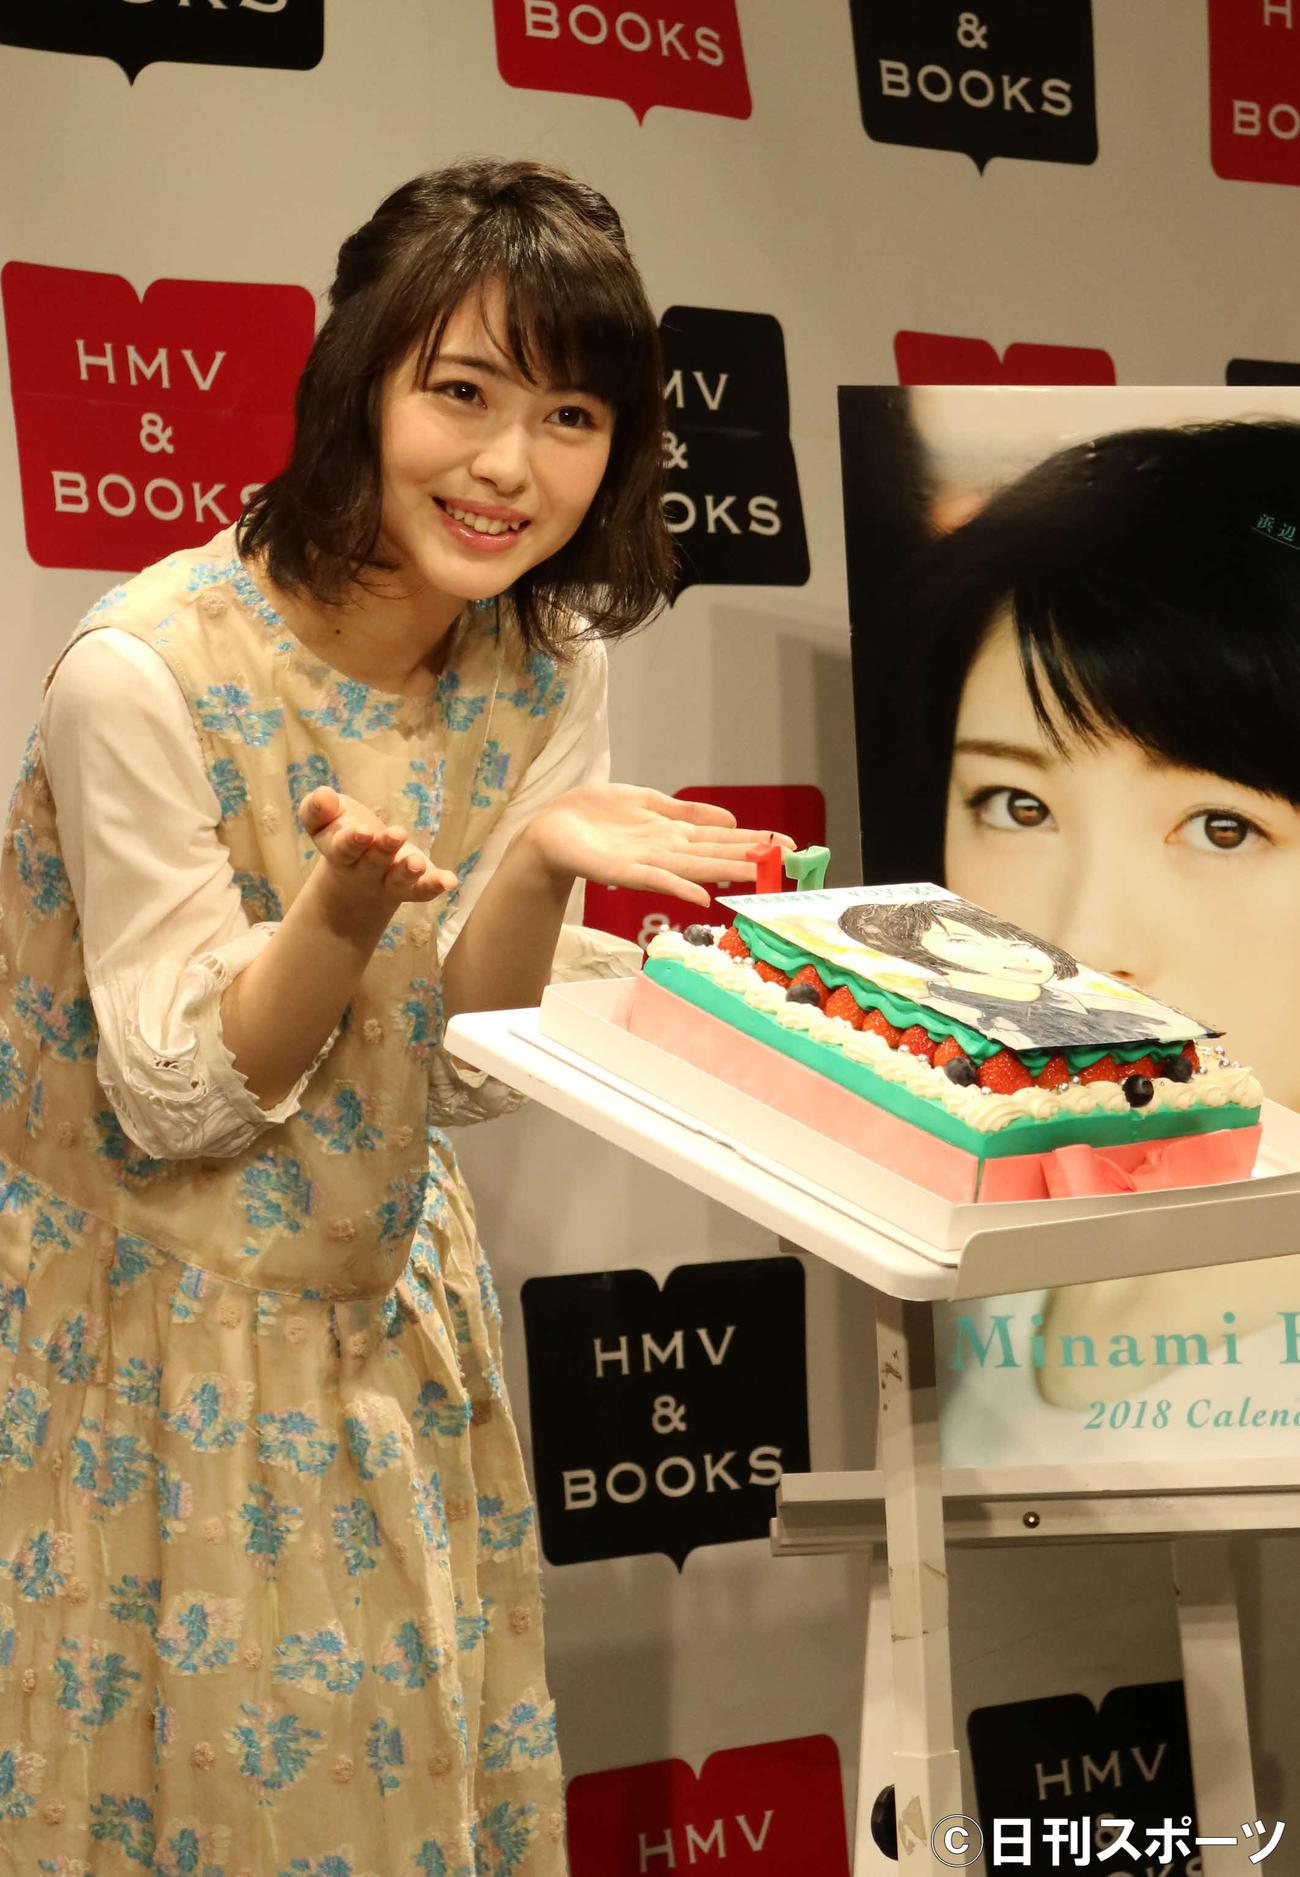 写真集とカレンダーブックの発売イベントを行った浜辺美波は、誕生日ケーキを前に笑顔(2017年9月2日撮影)